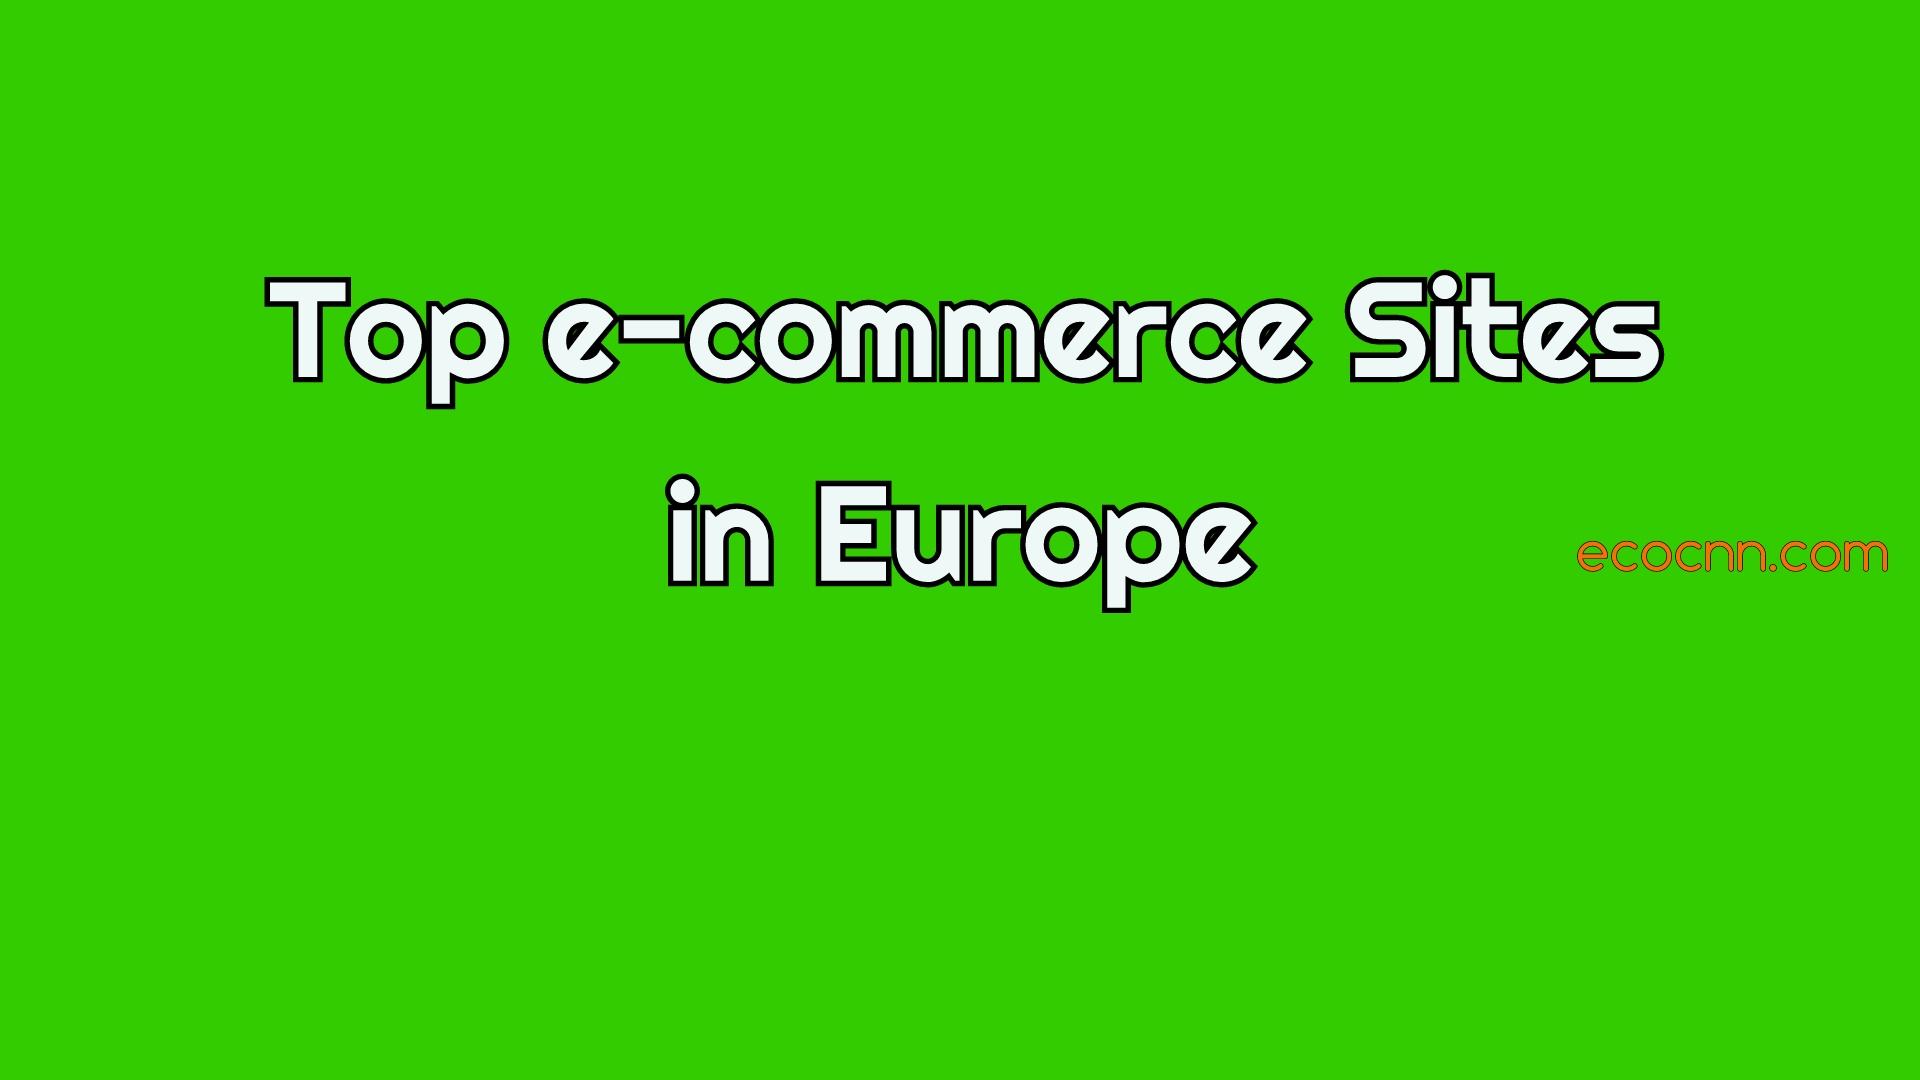 Top Ecommerce websites in Europe